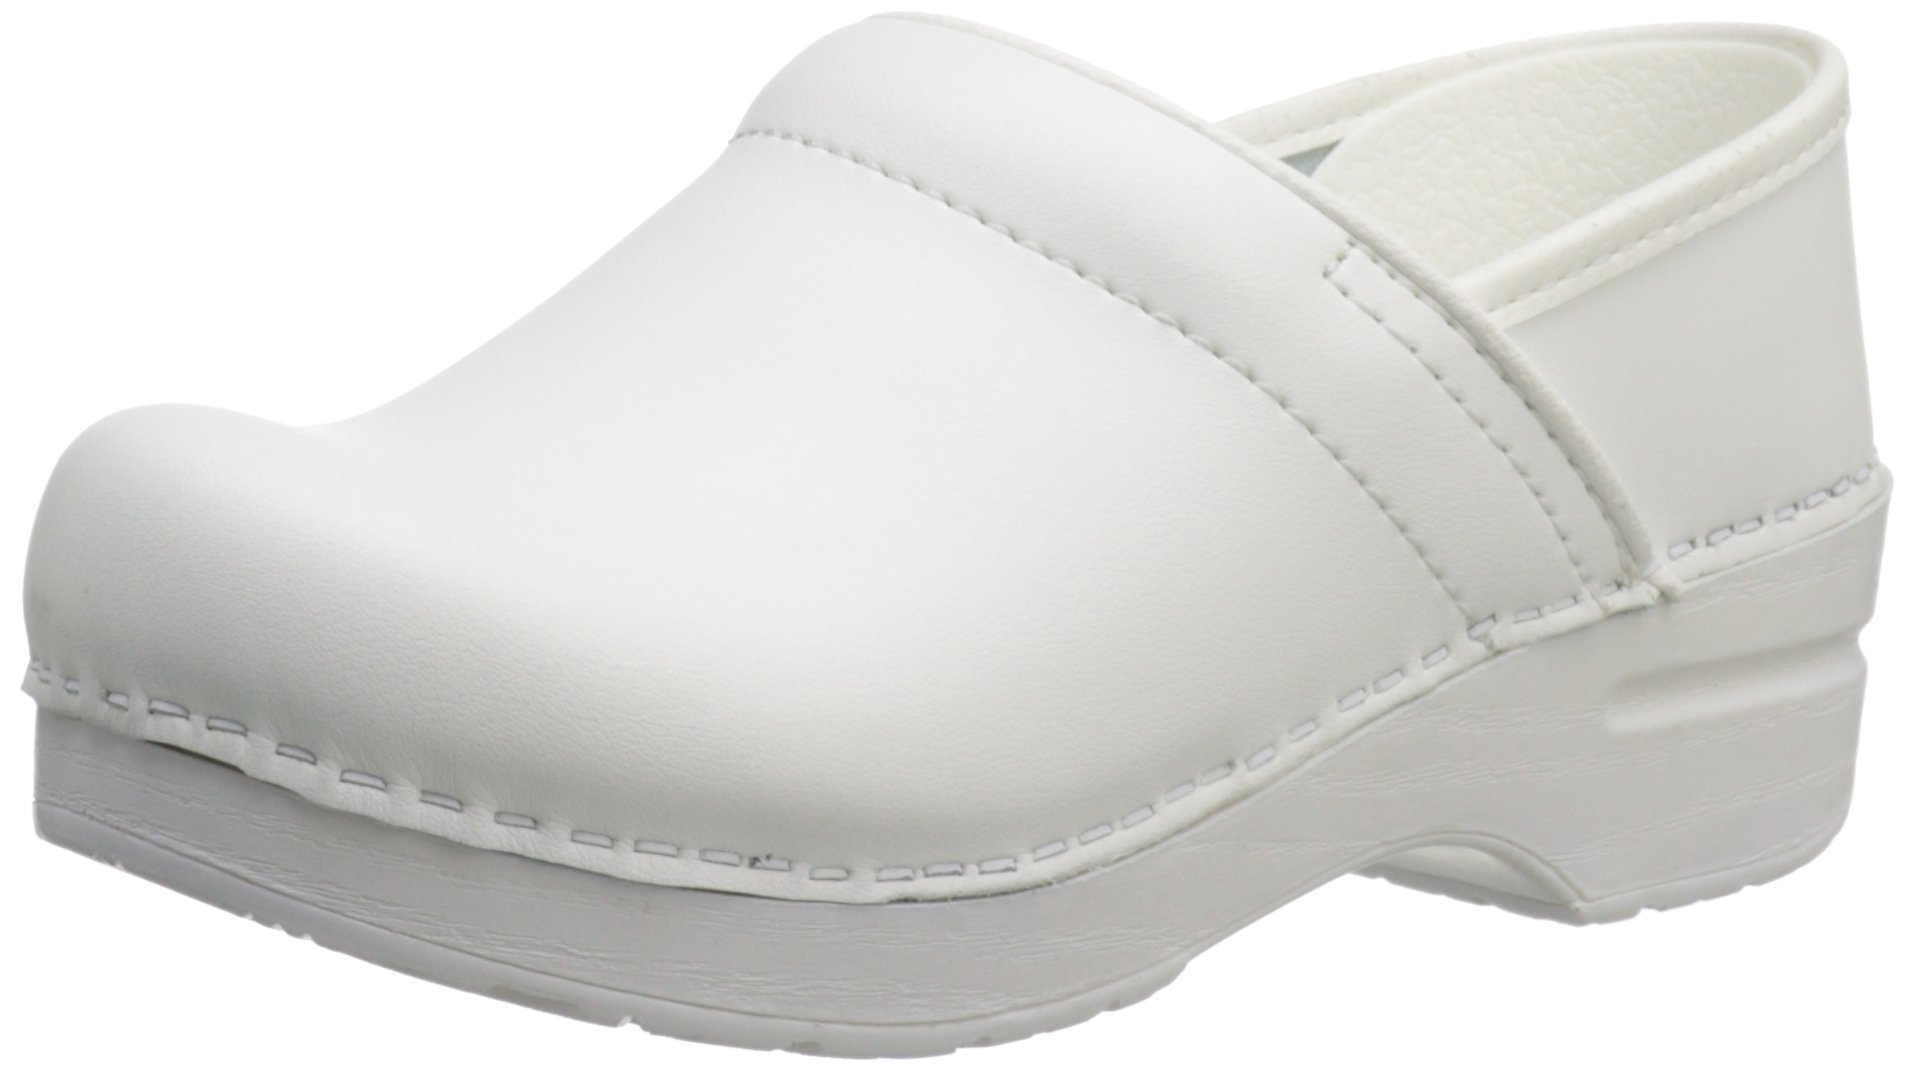 Dansko Women's Wide Pro Clog,White,39 EU/9 W US